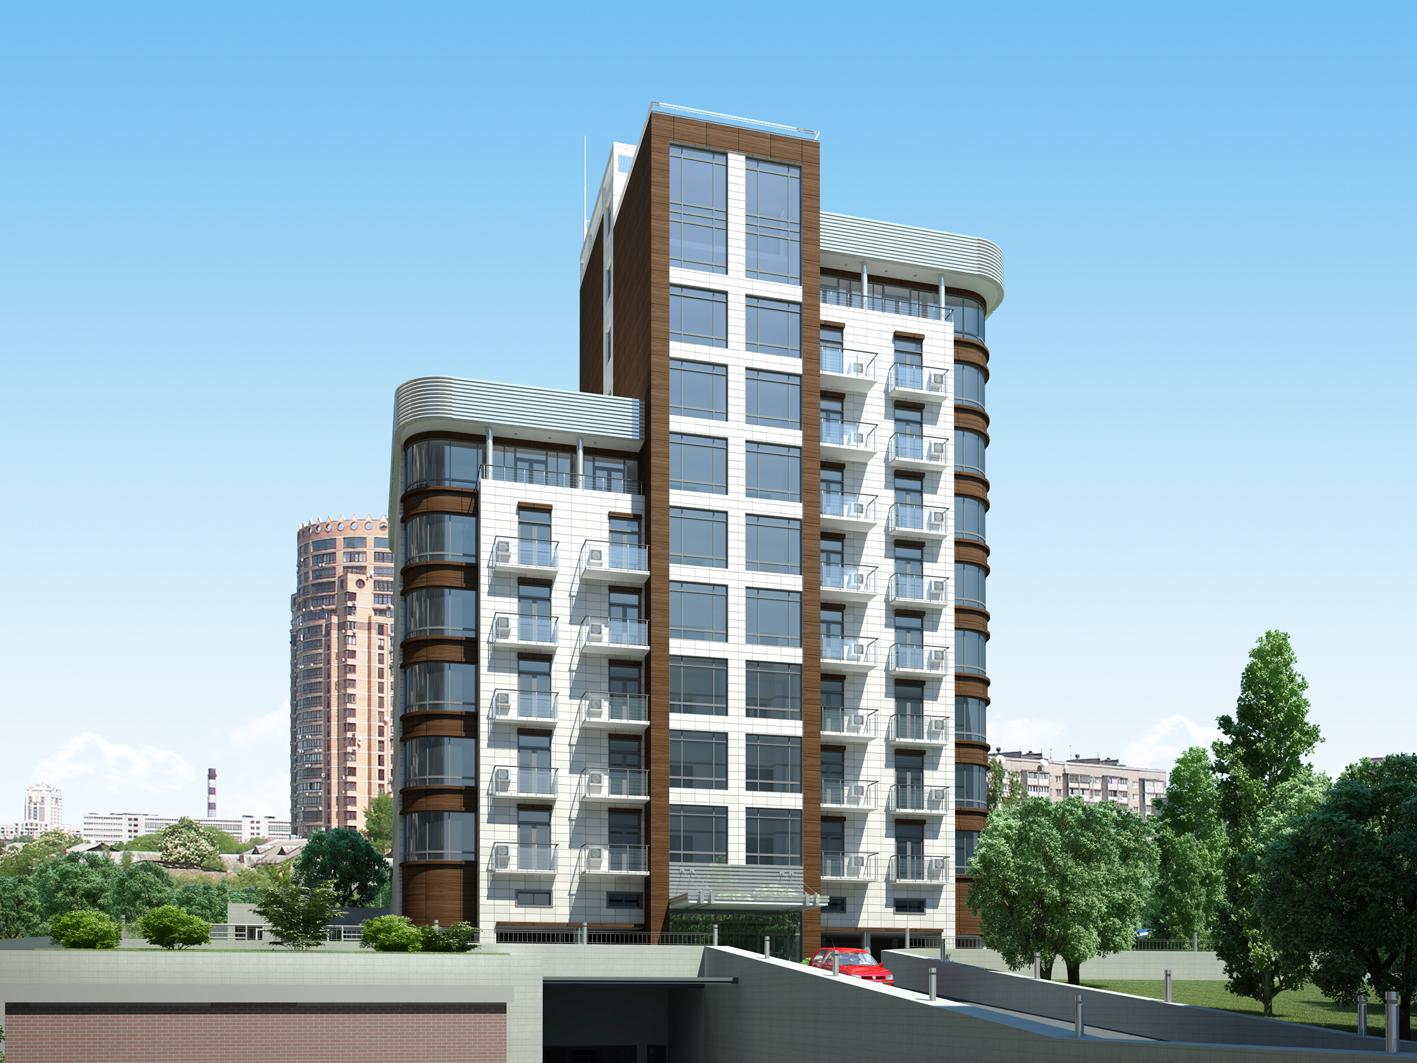 Residential building on Lesi Ukrainky blvr, Kyiv